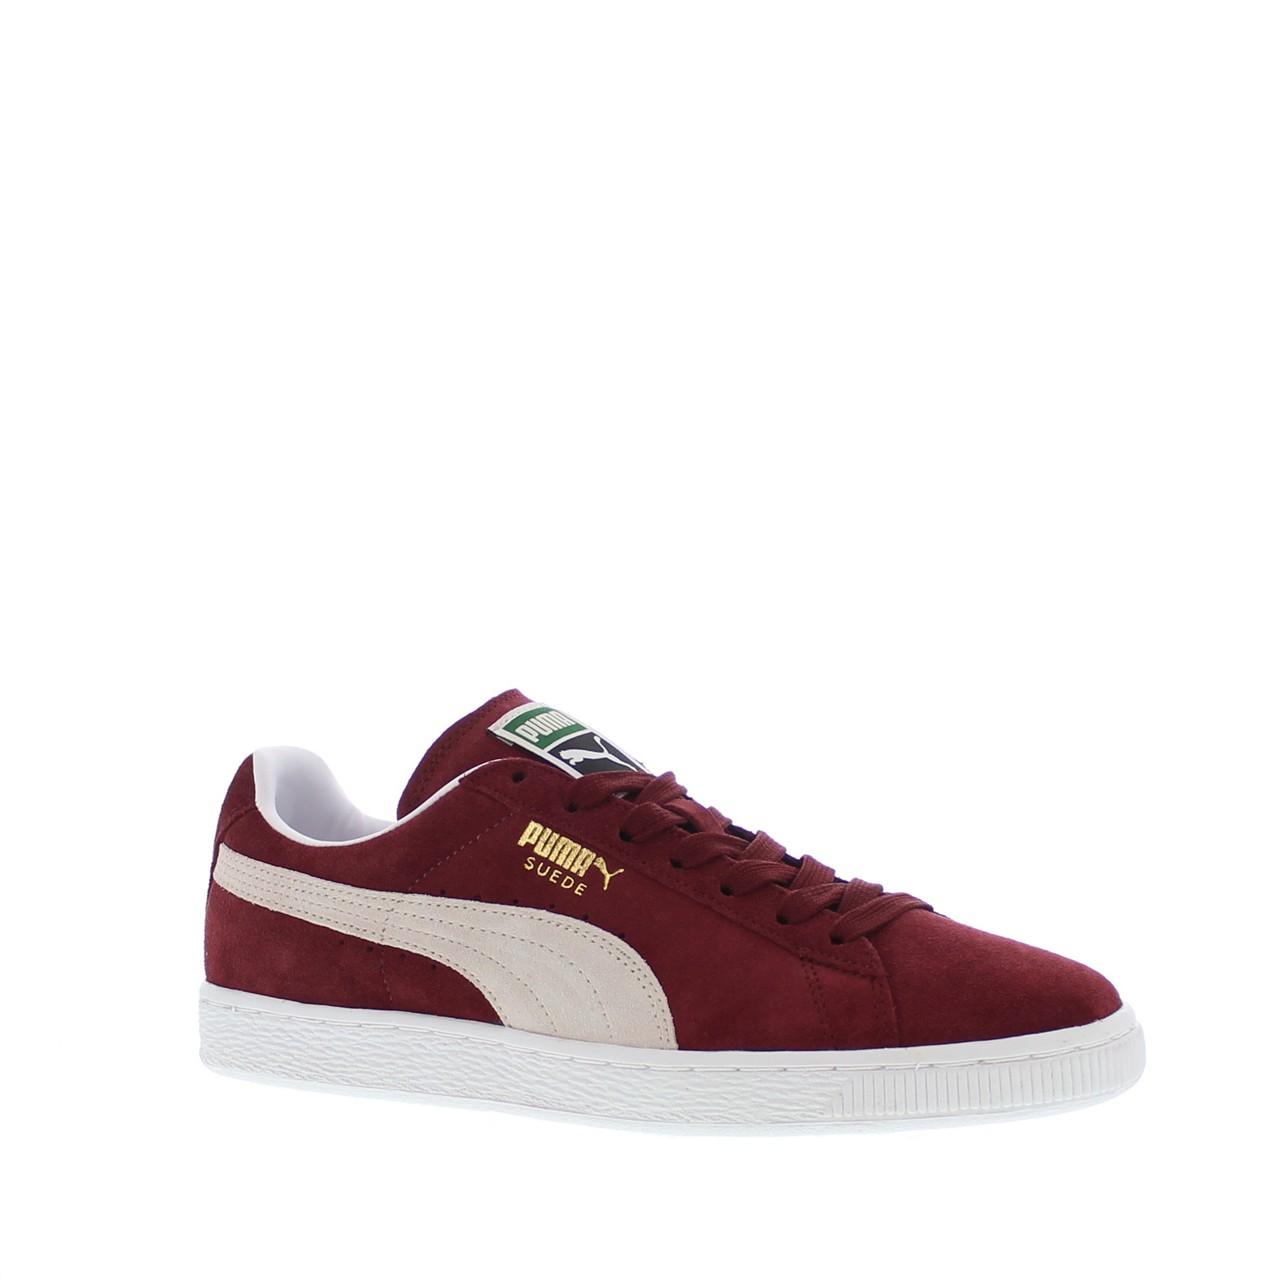 Rode Heren Puma Sneakers online kopen? Vergelijk op Schoenen.nl